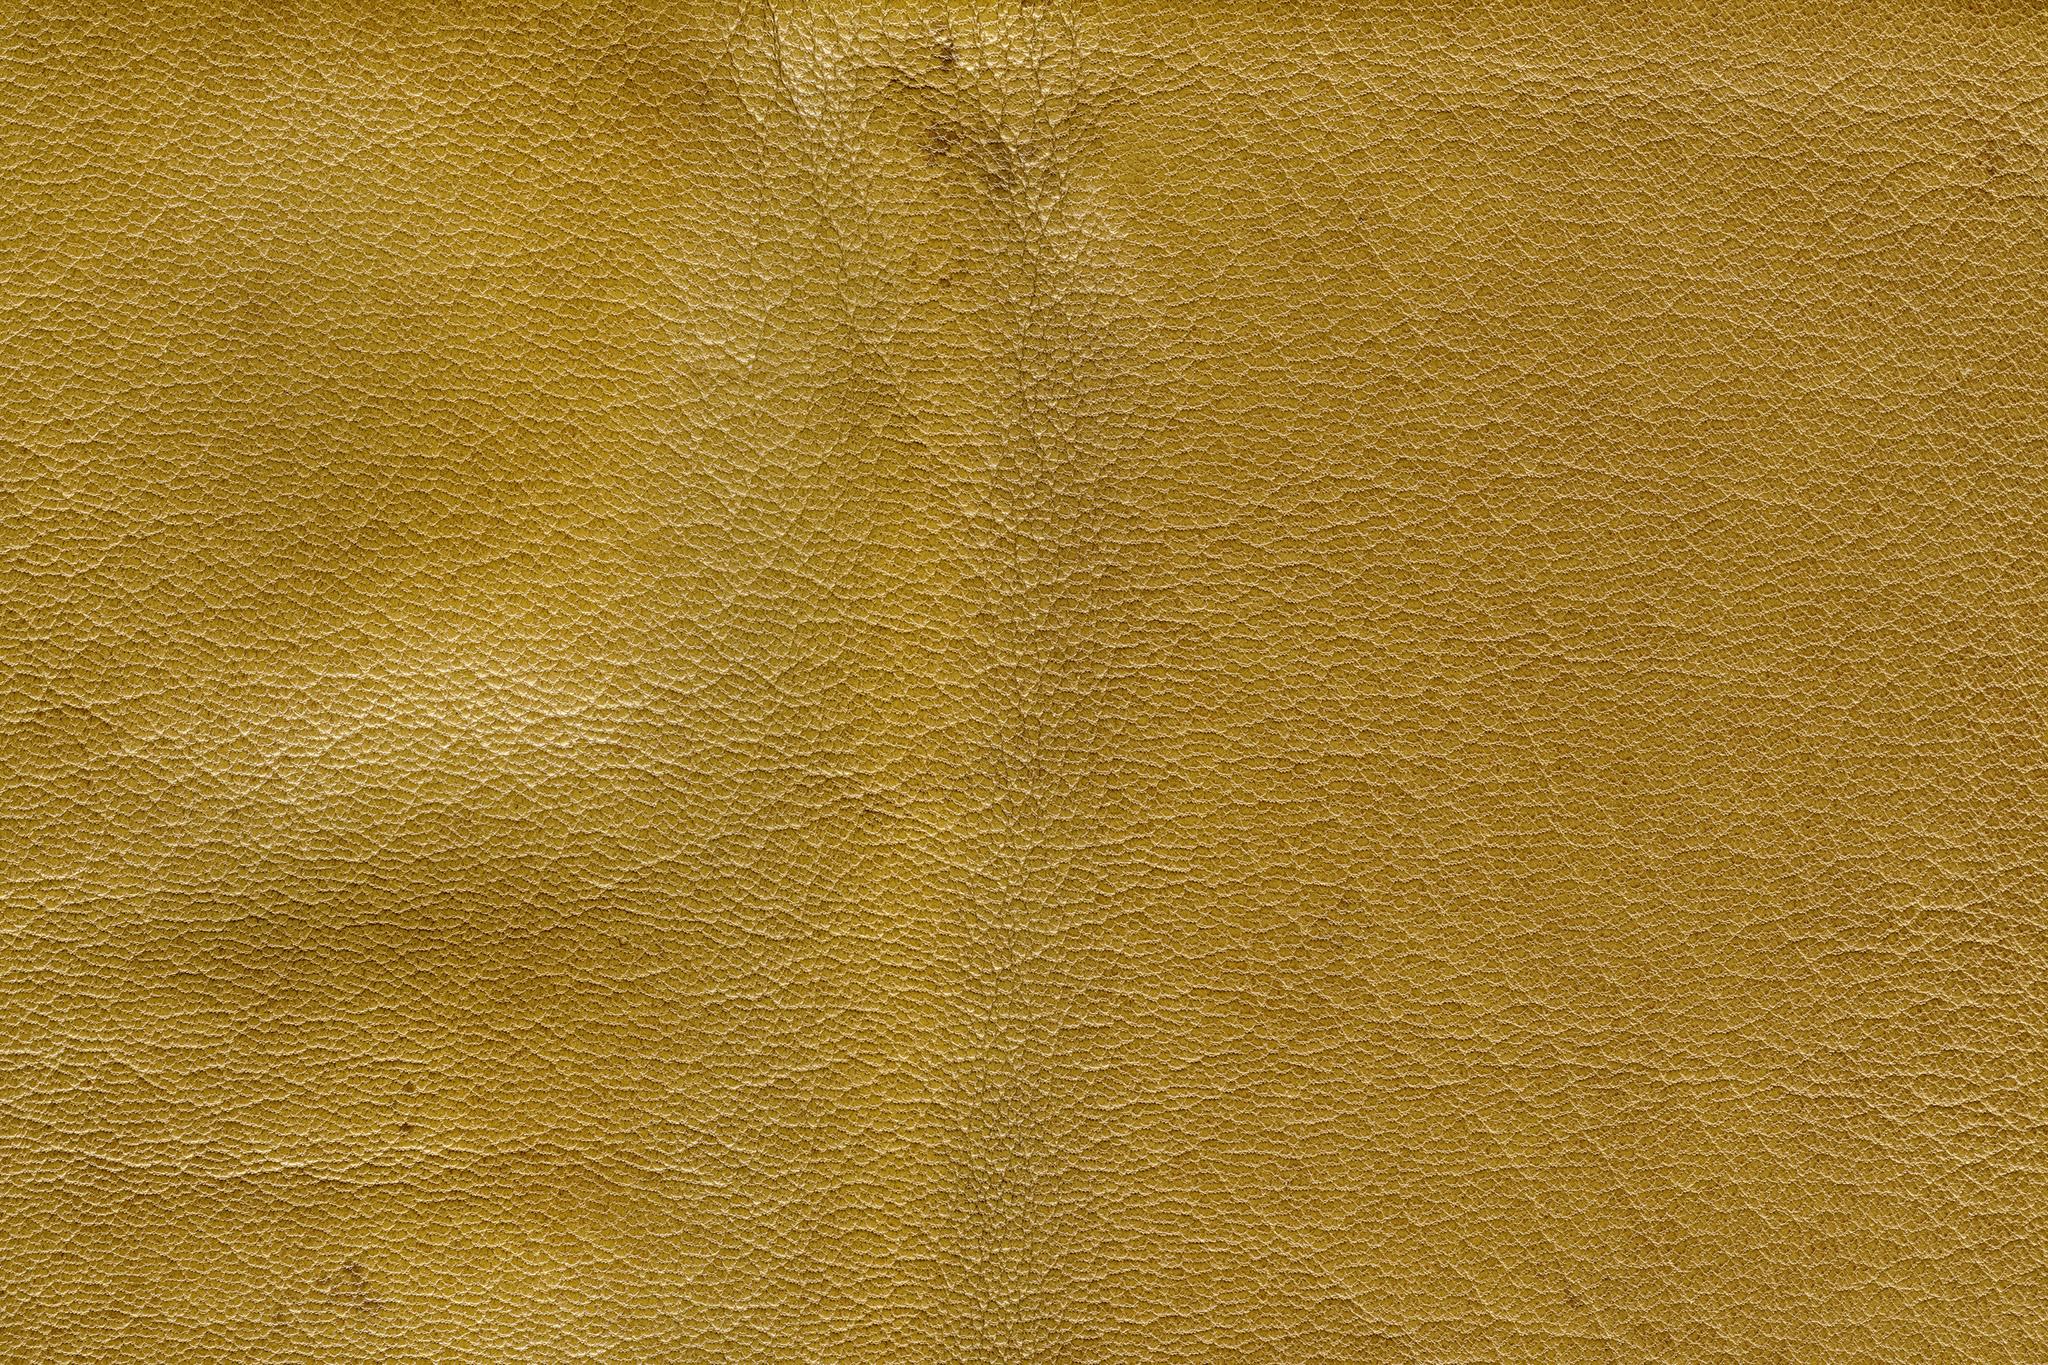 黄色に染められた革のテクスチャ素材